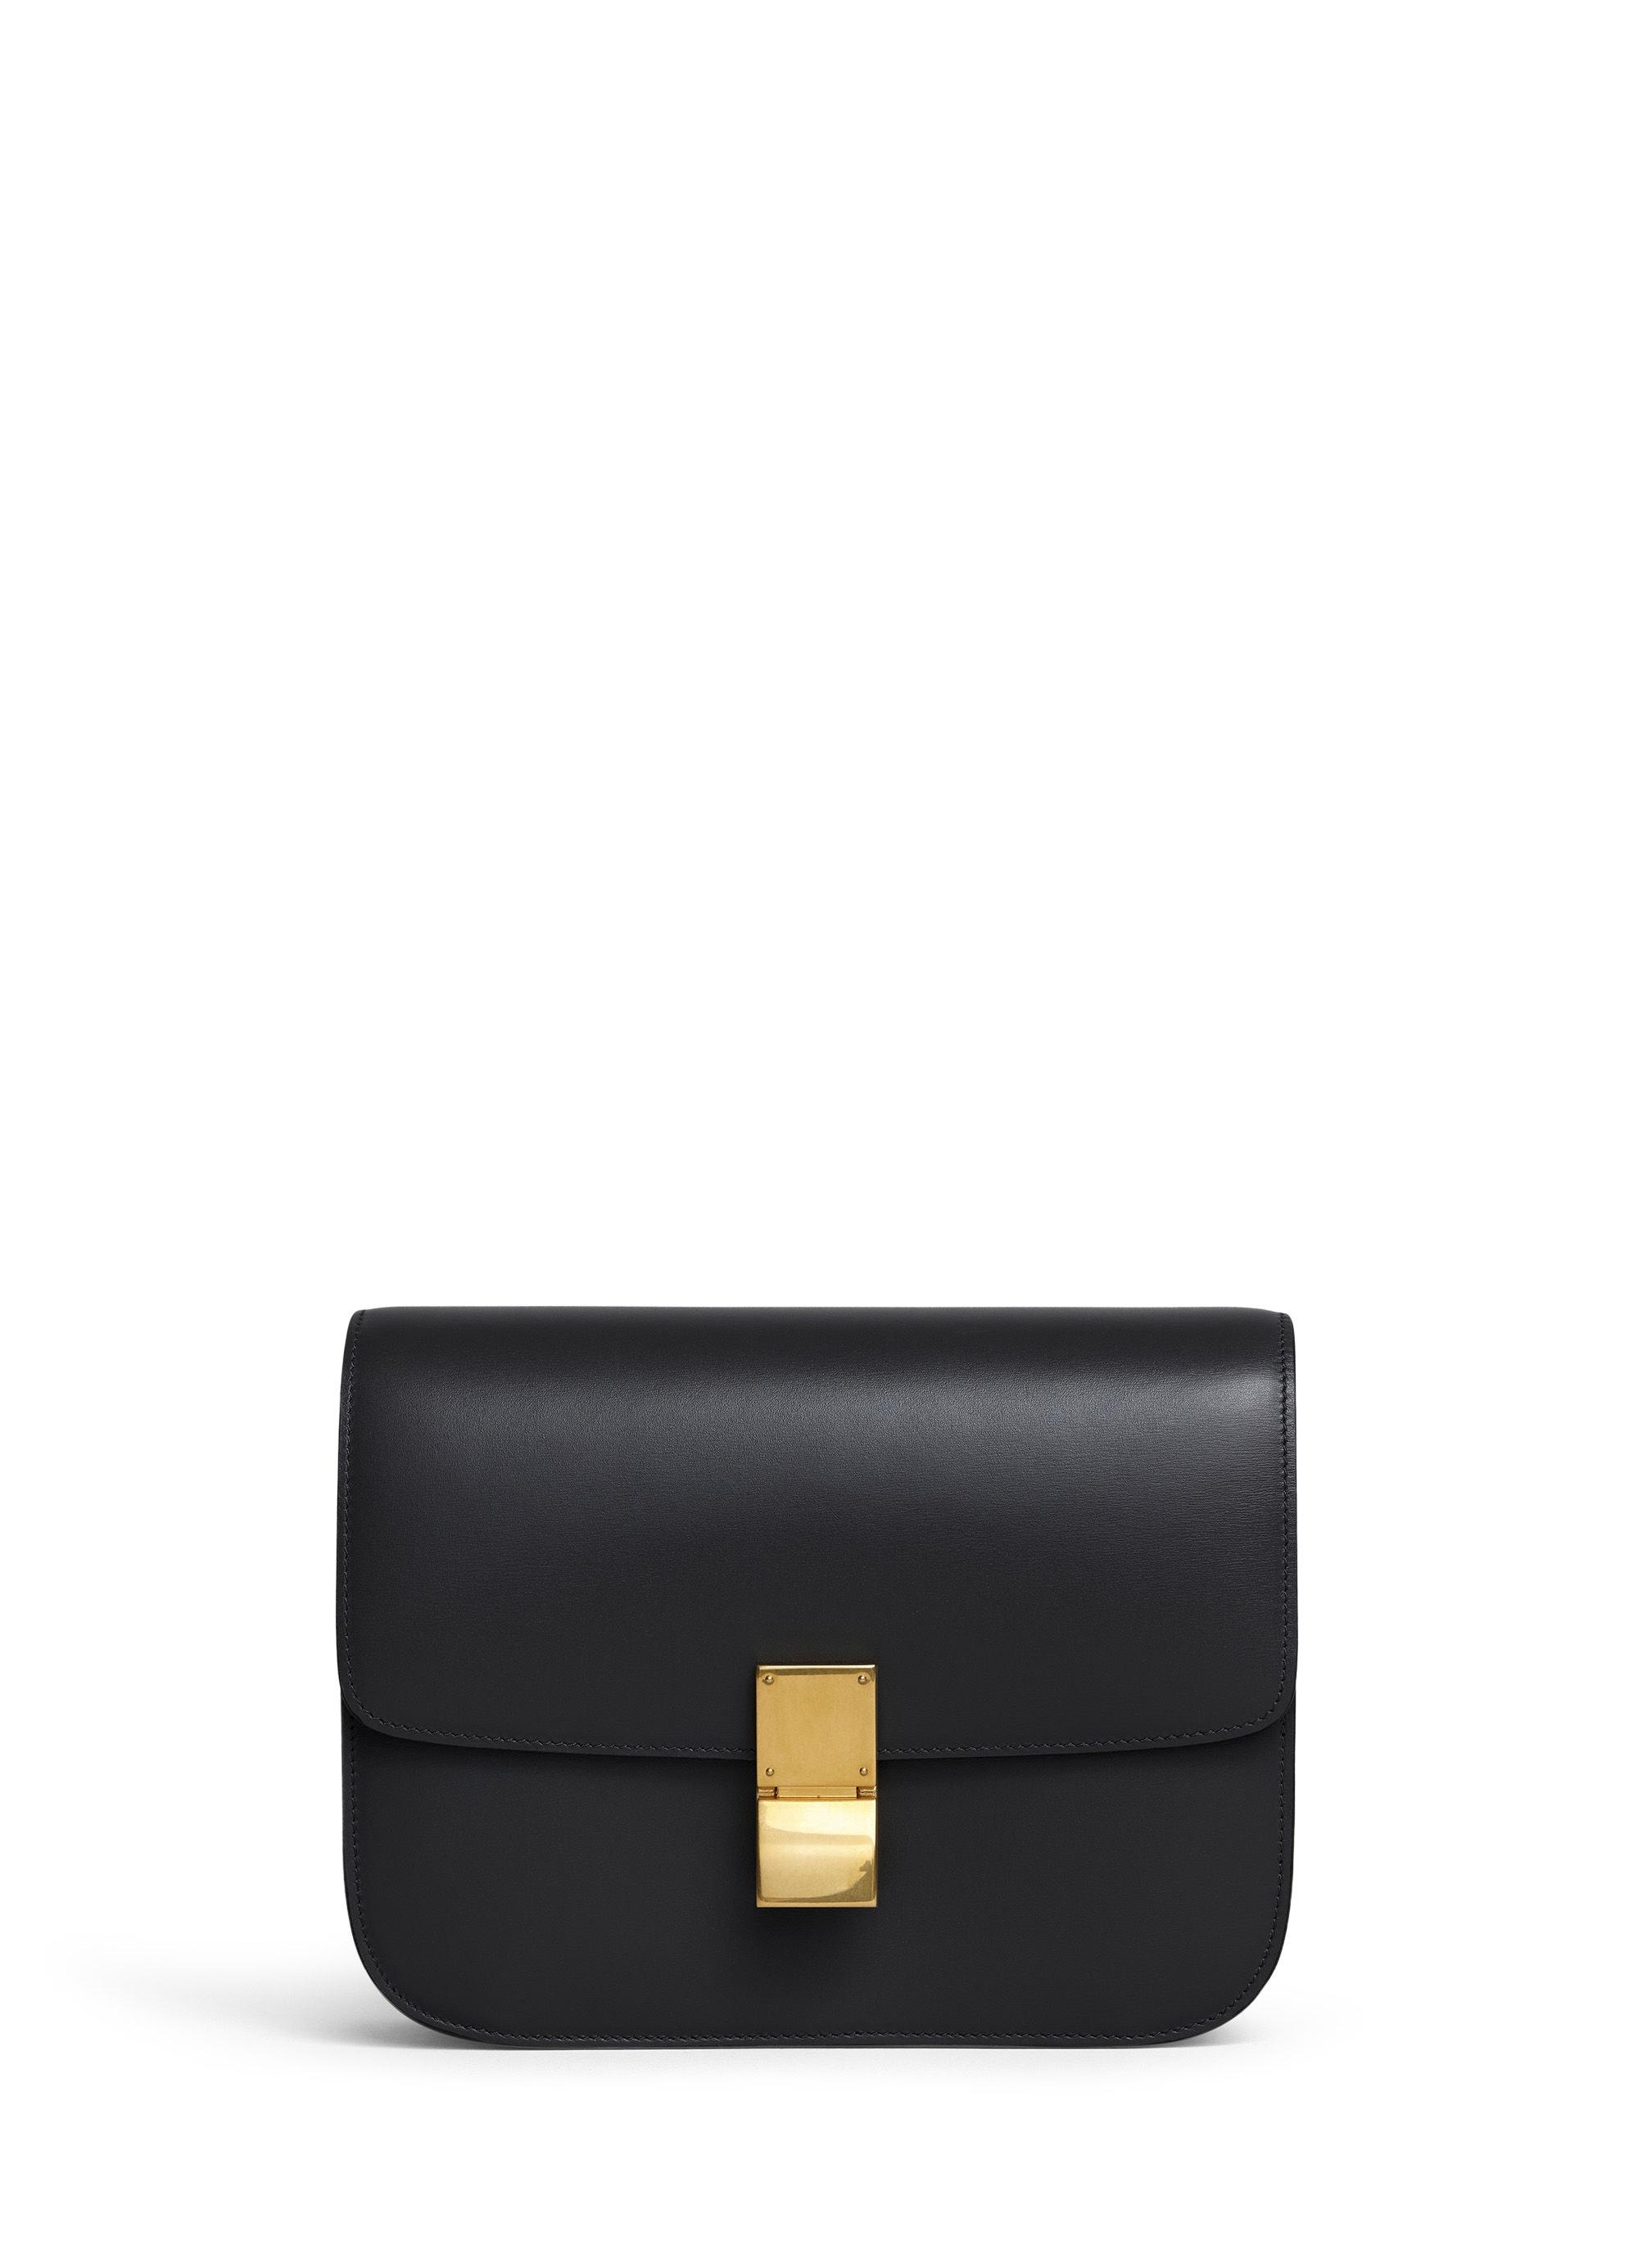 Celine Classic Box Medium Black